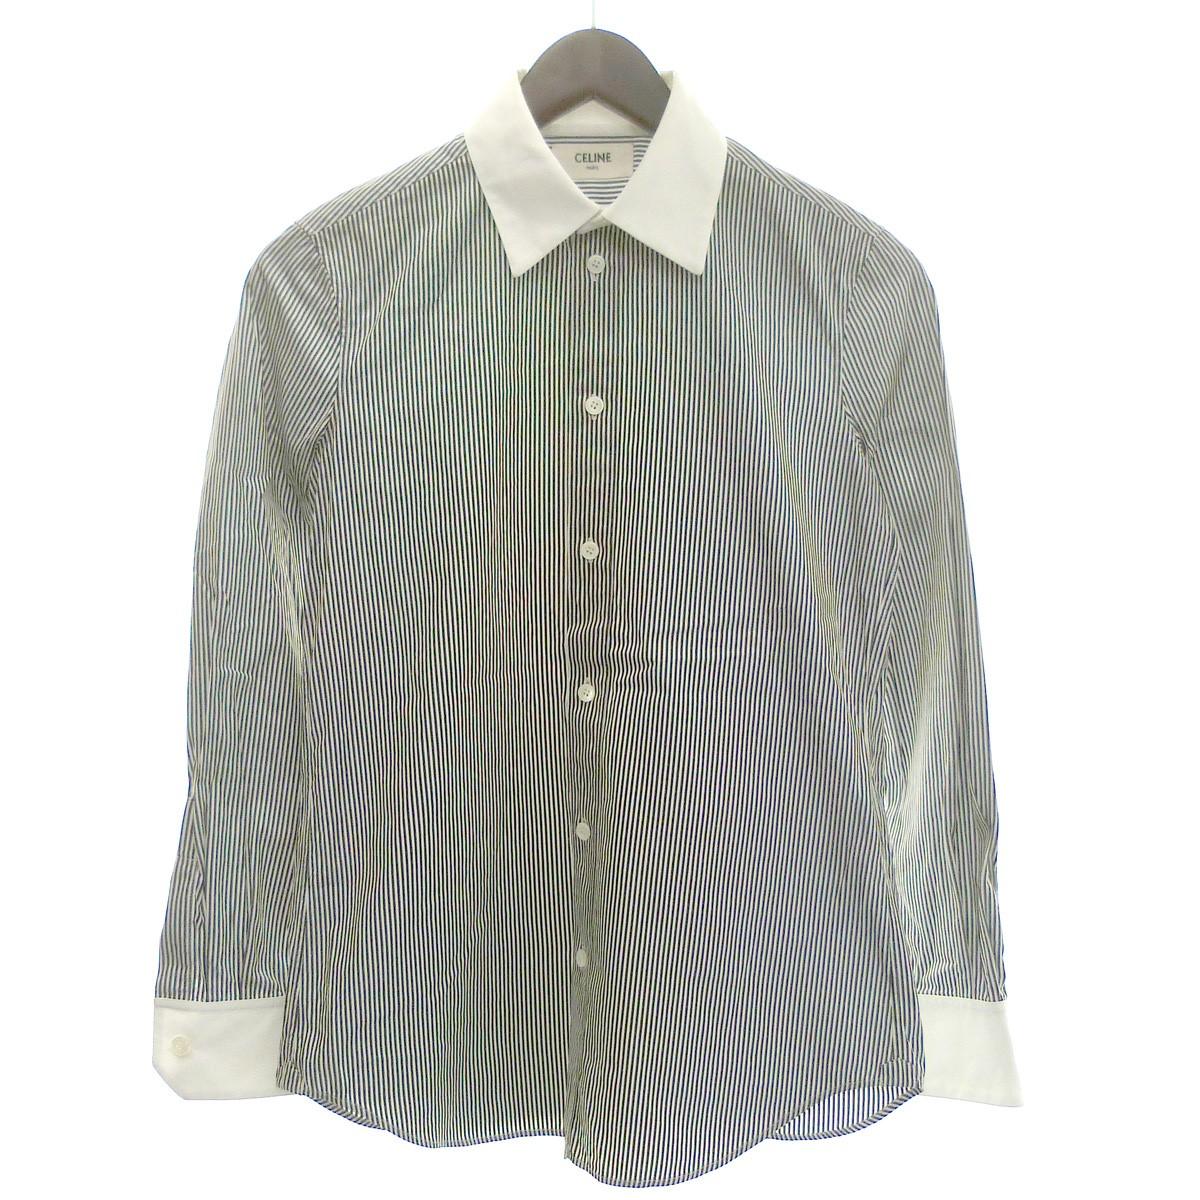 【中古】CELINE ストライプクラシックシャツ クレリックシャツ ホワイト×ブラック サイズ:34 【250220】(セリーヌ)